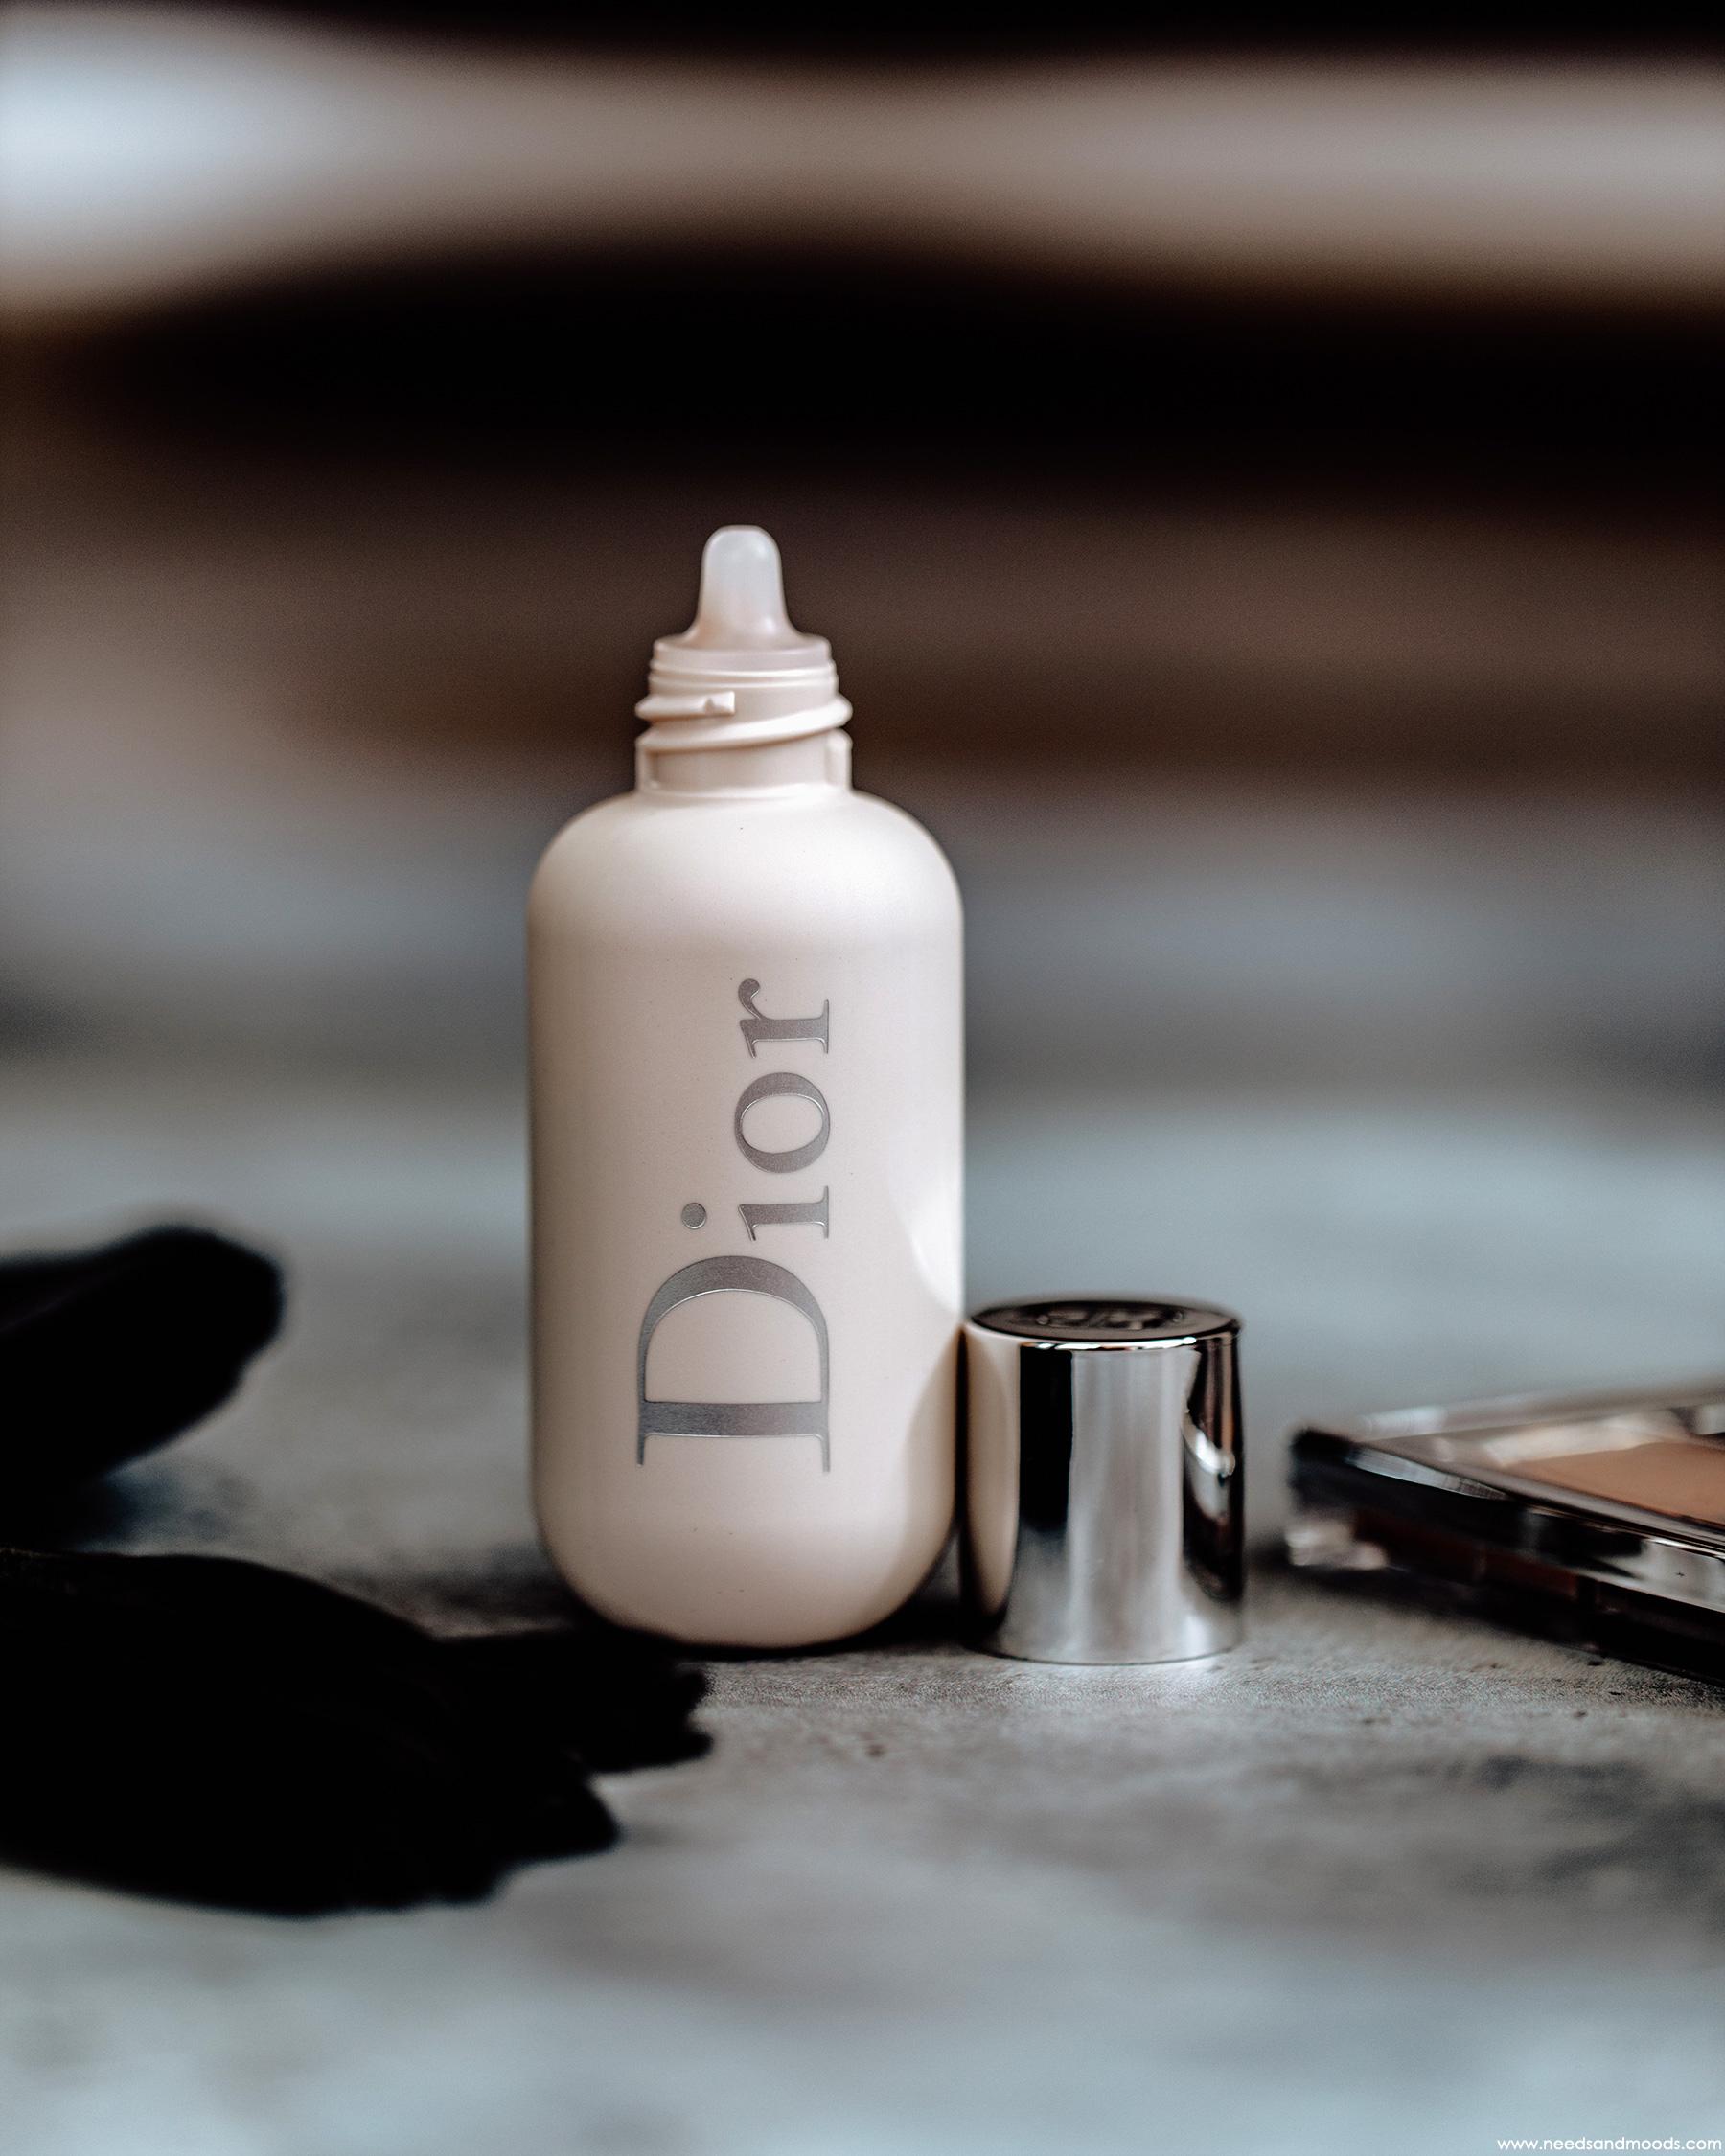 dior-backstage-face-body-primer